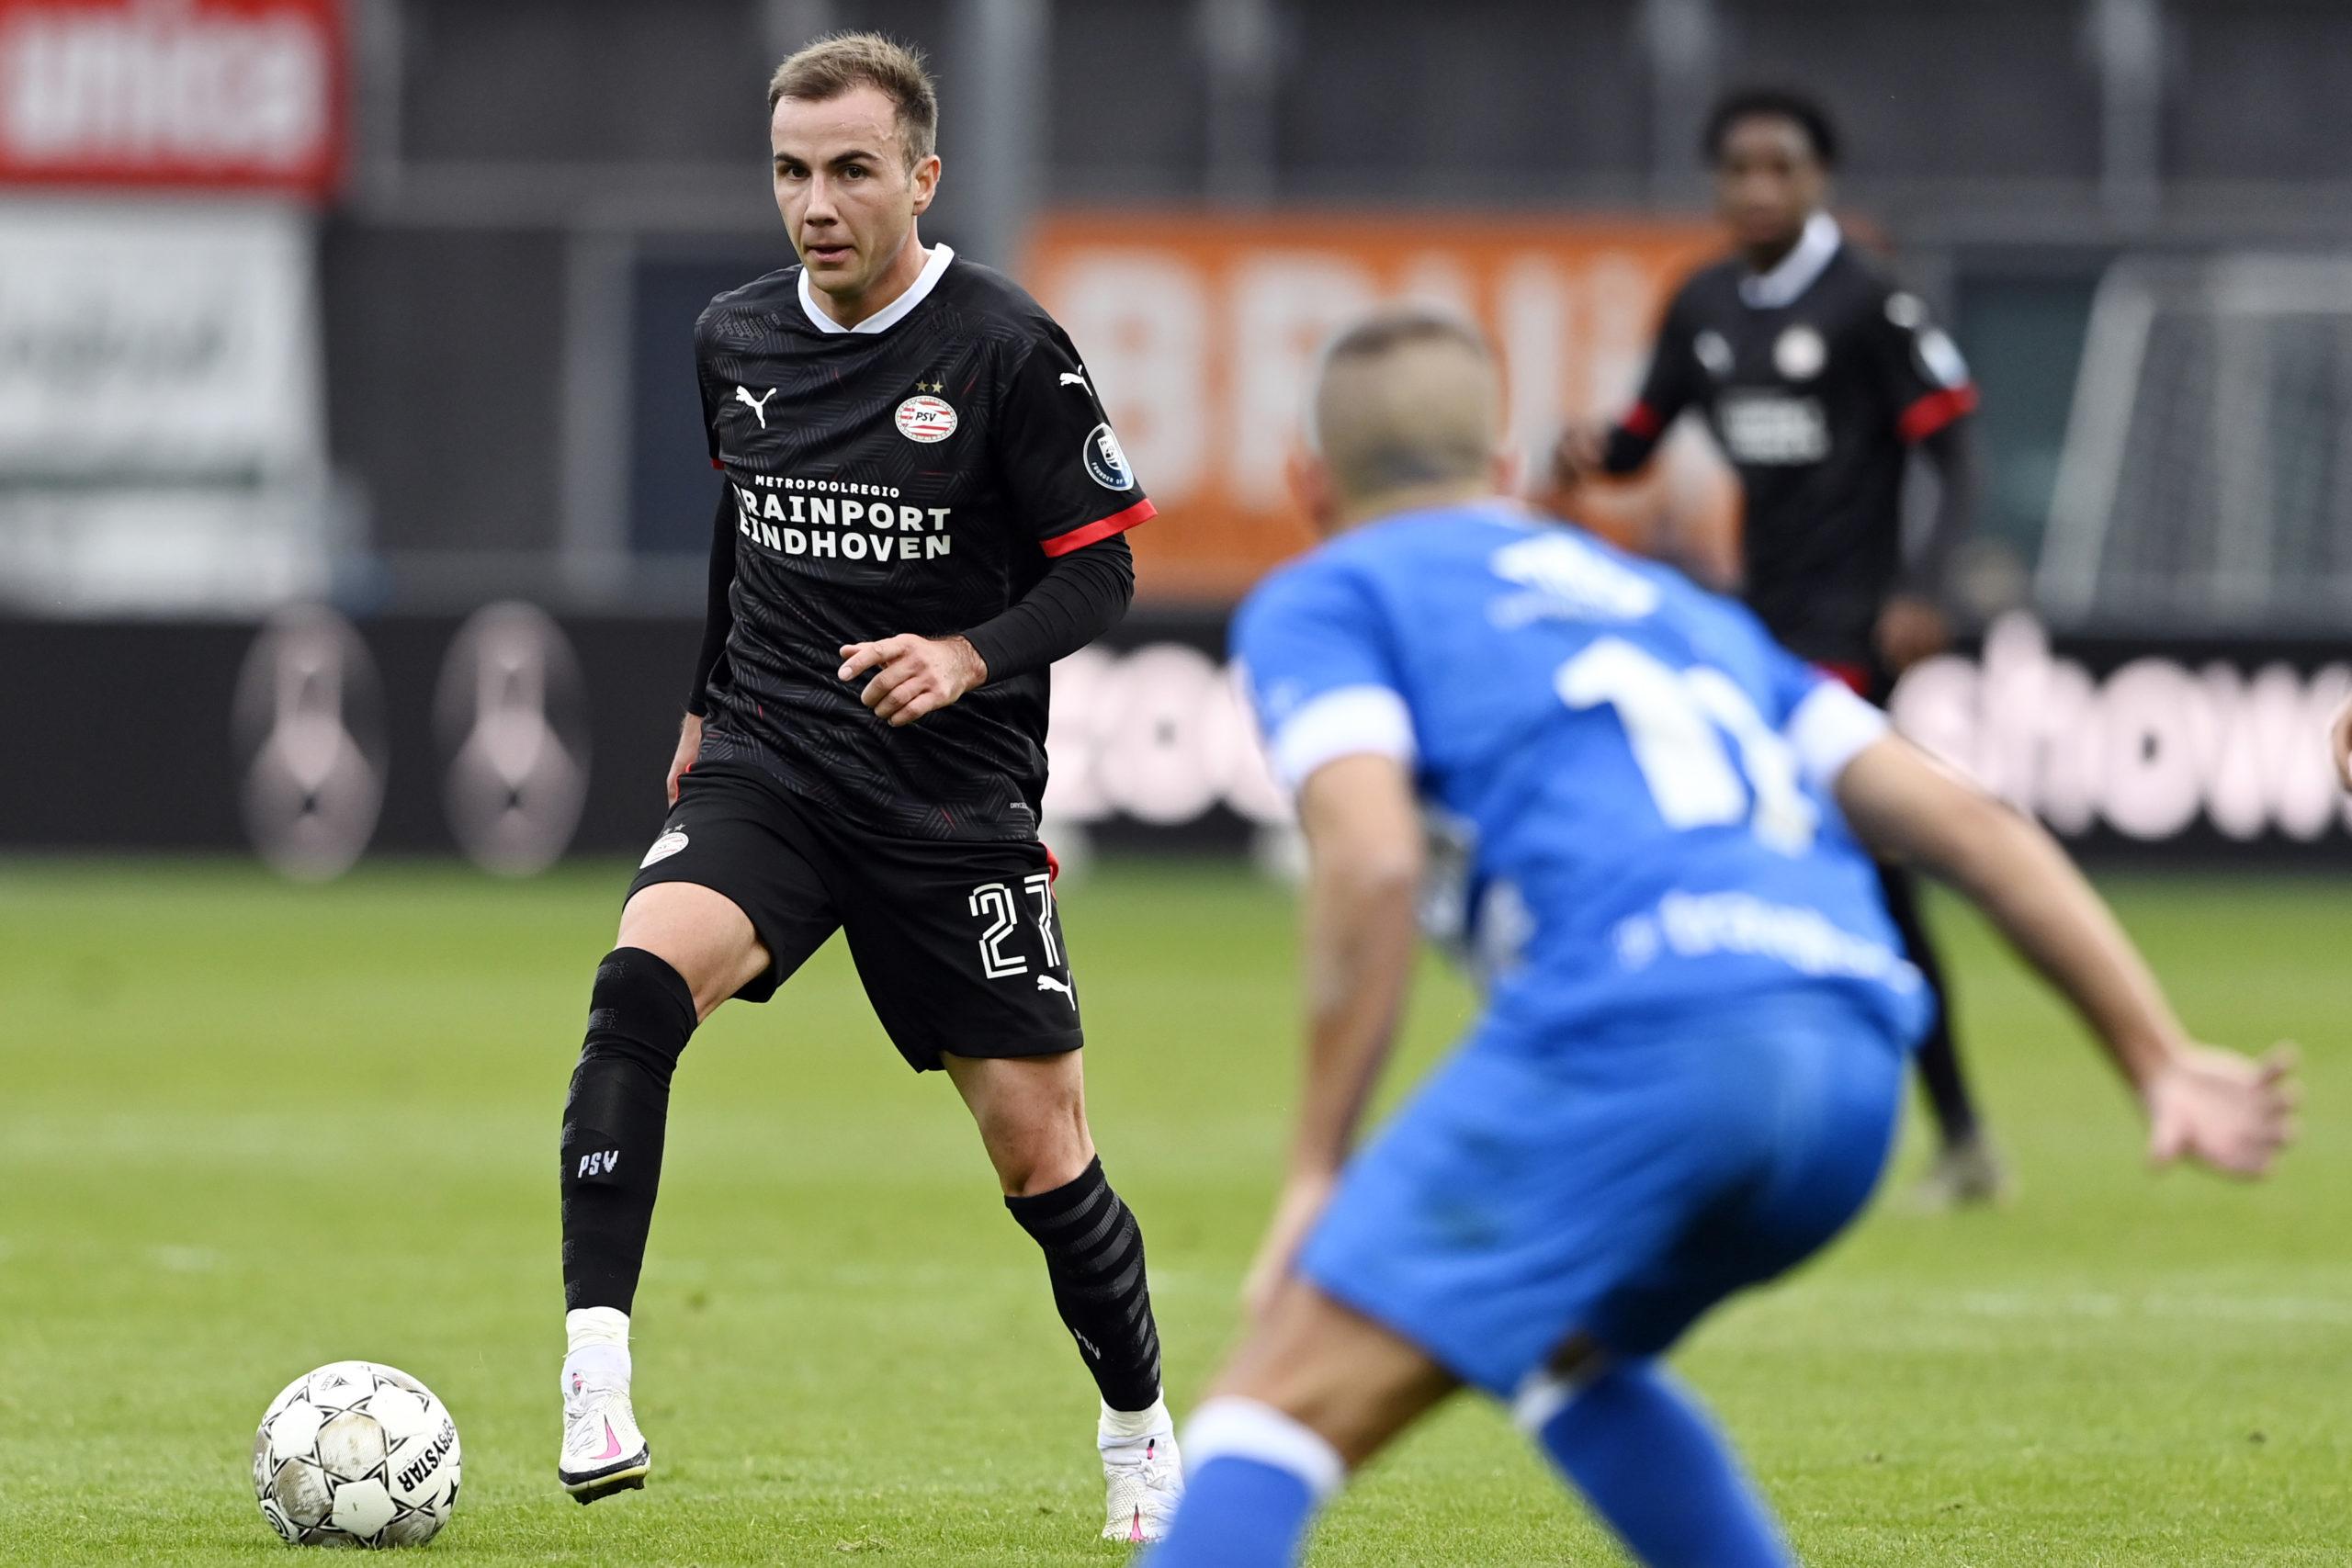 Debut strike for Götze sends PSV clear at top of Eredivisie - DutchNews.nl